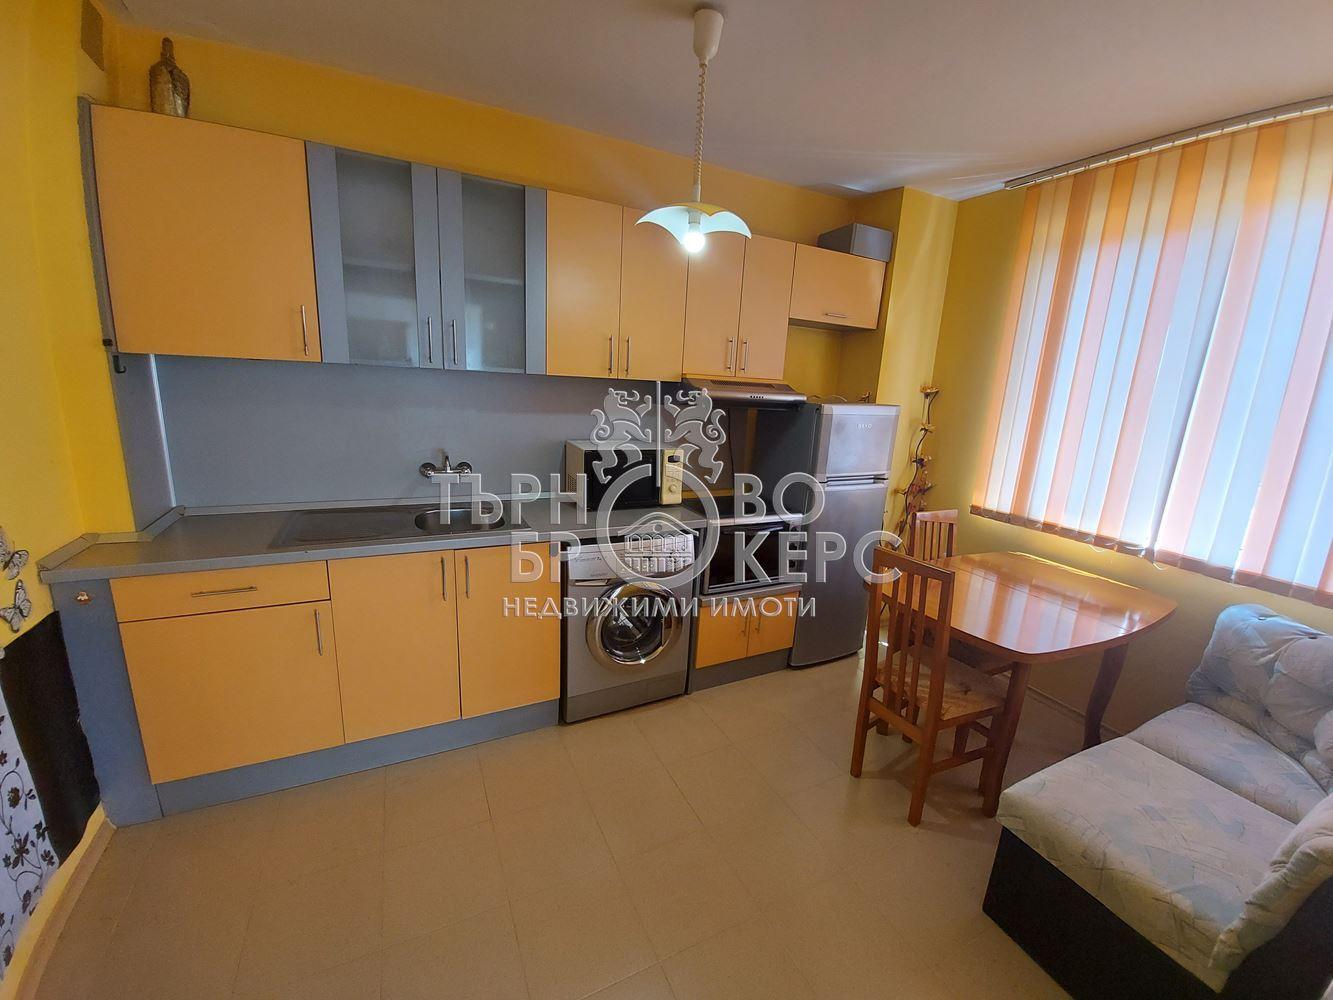 Двустаен апартамент  във  Велико Търново за 350  лв - Двустаен